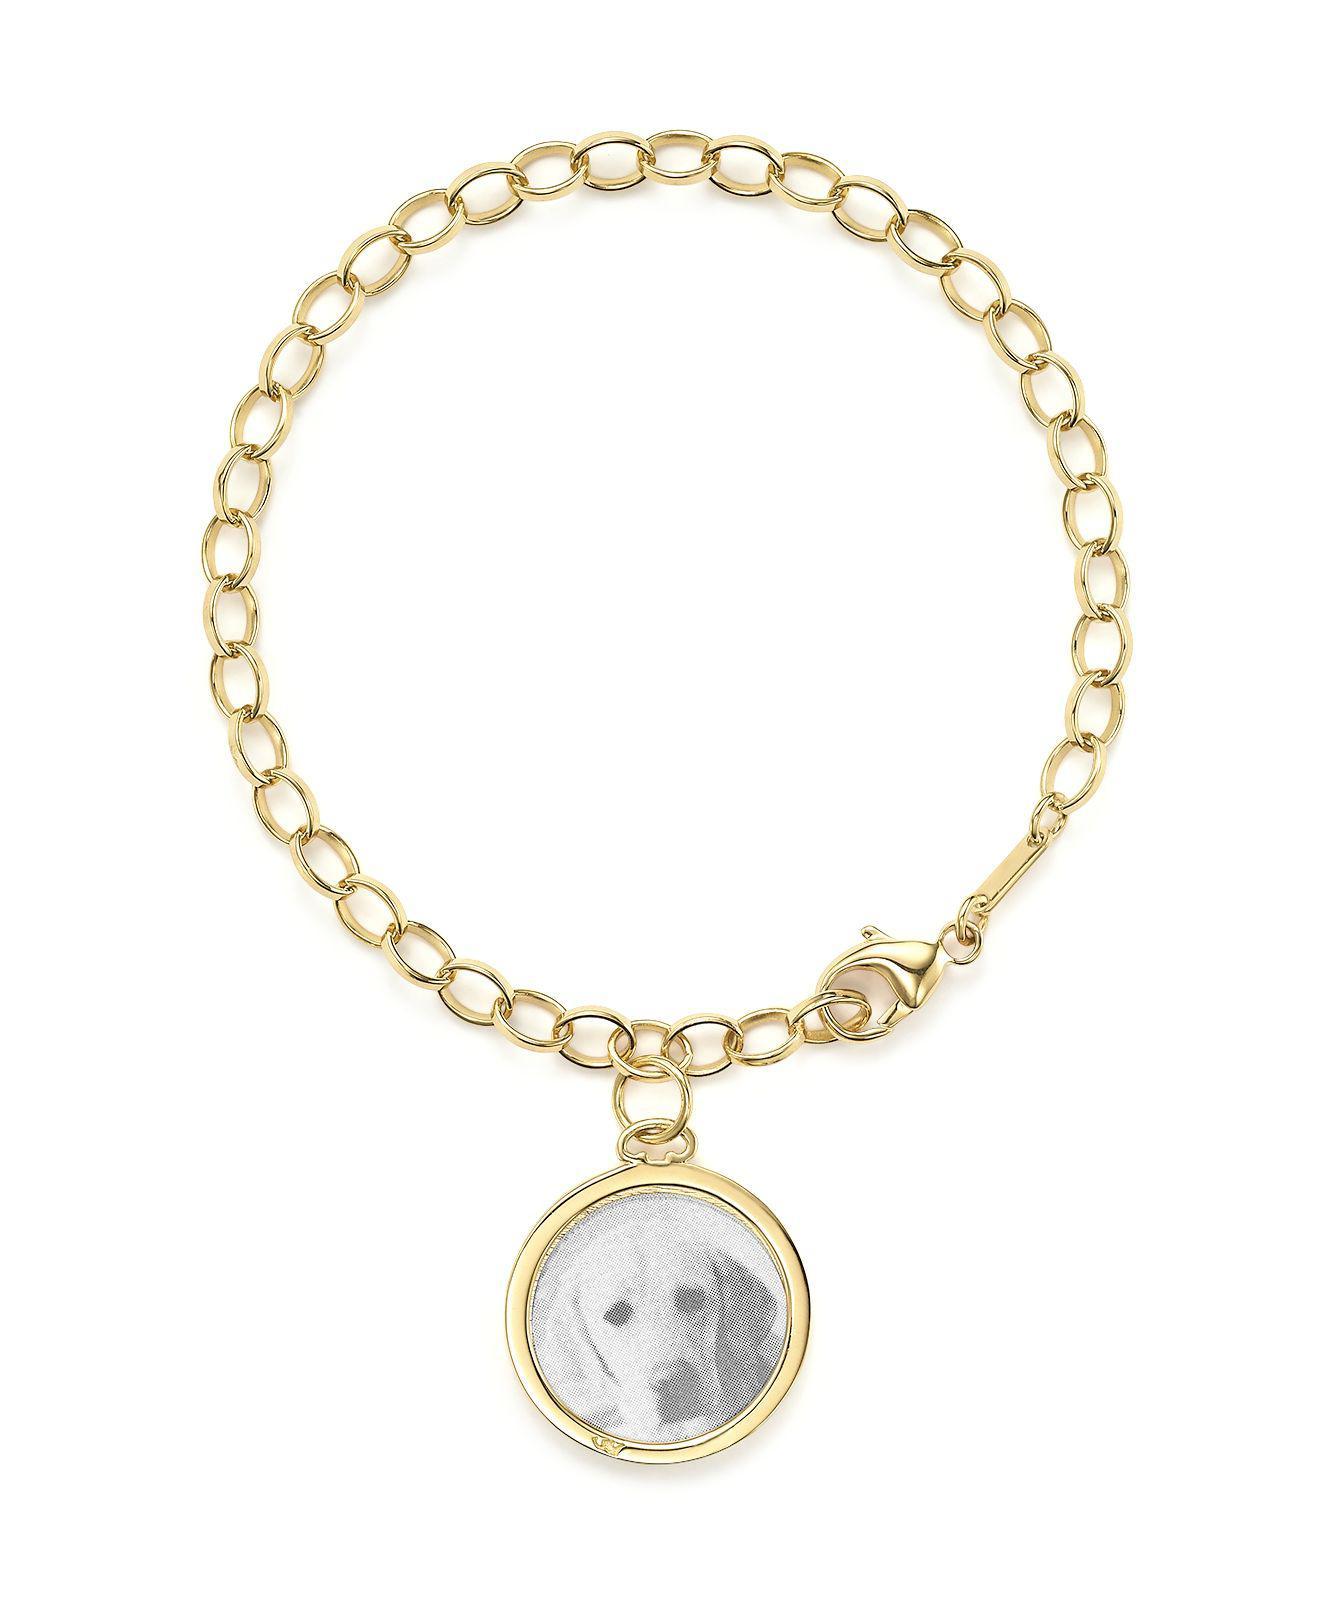 Monica Rich Kosann 18k Yellow Gold Chain Lock Charm Bracelet xbeK8